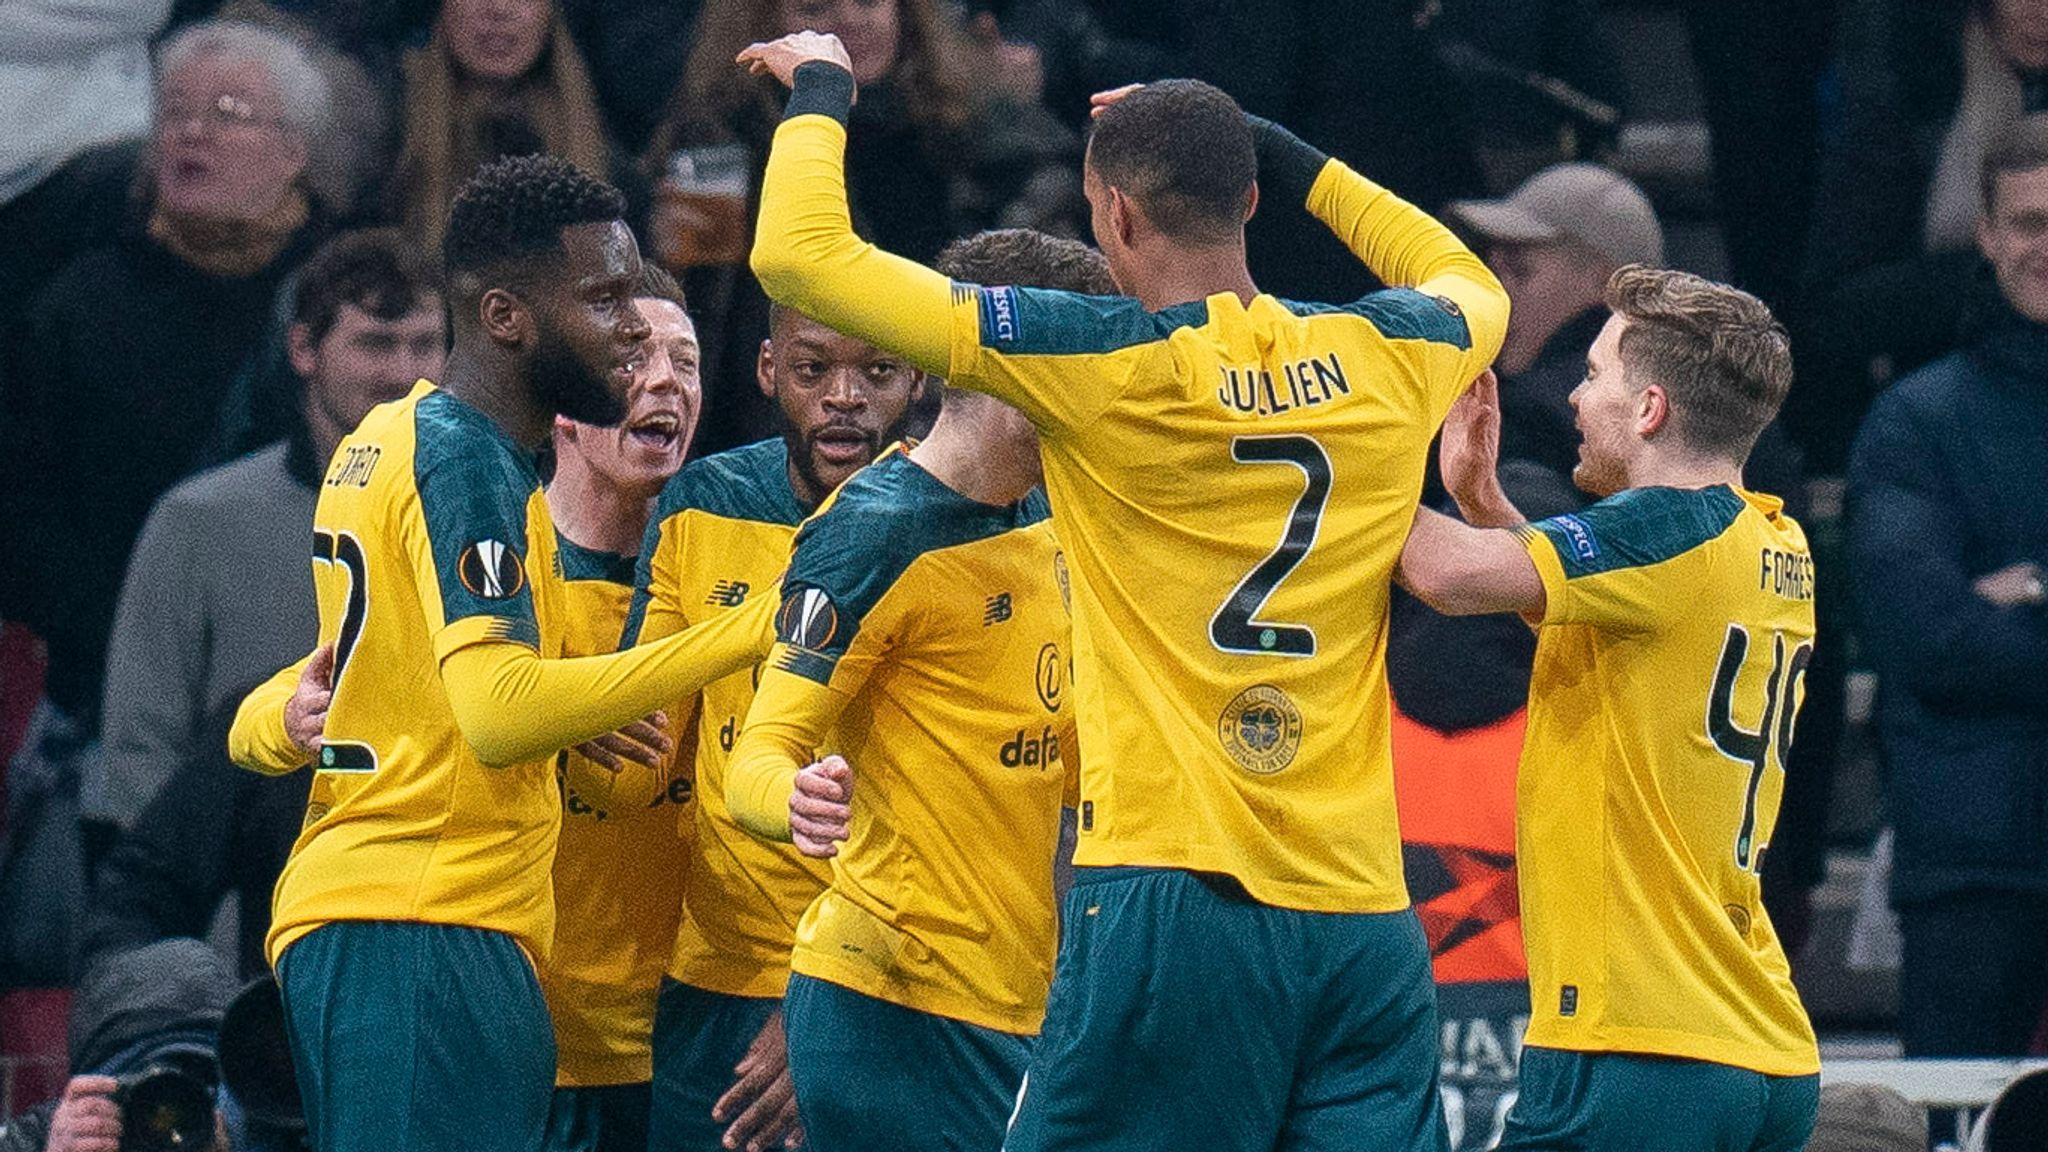 FC Copenhagen 1-1 Celtic: Fraser Forster penalty save earns draw after VAR intervention